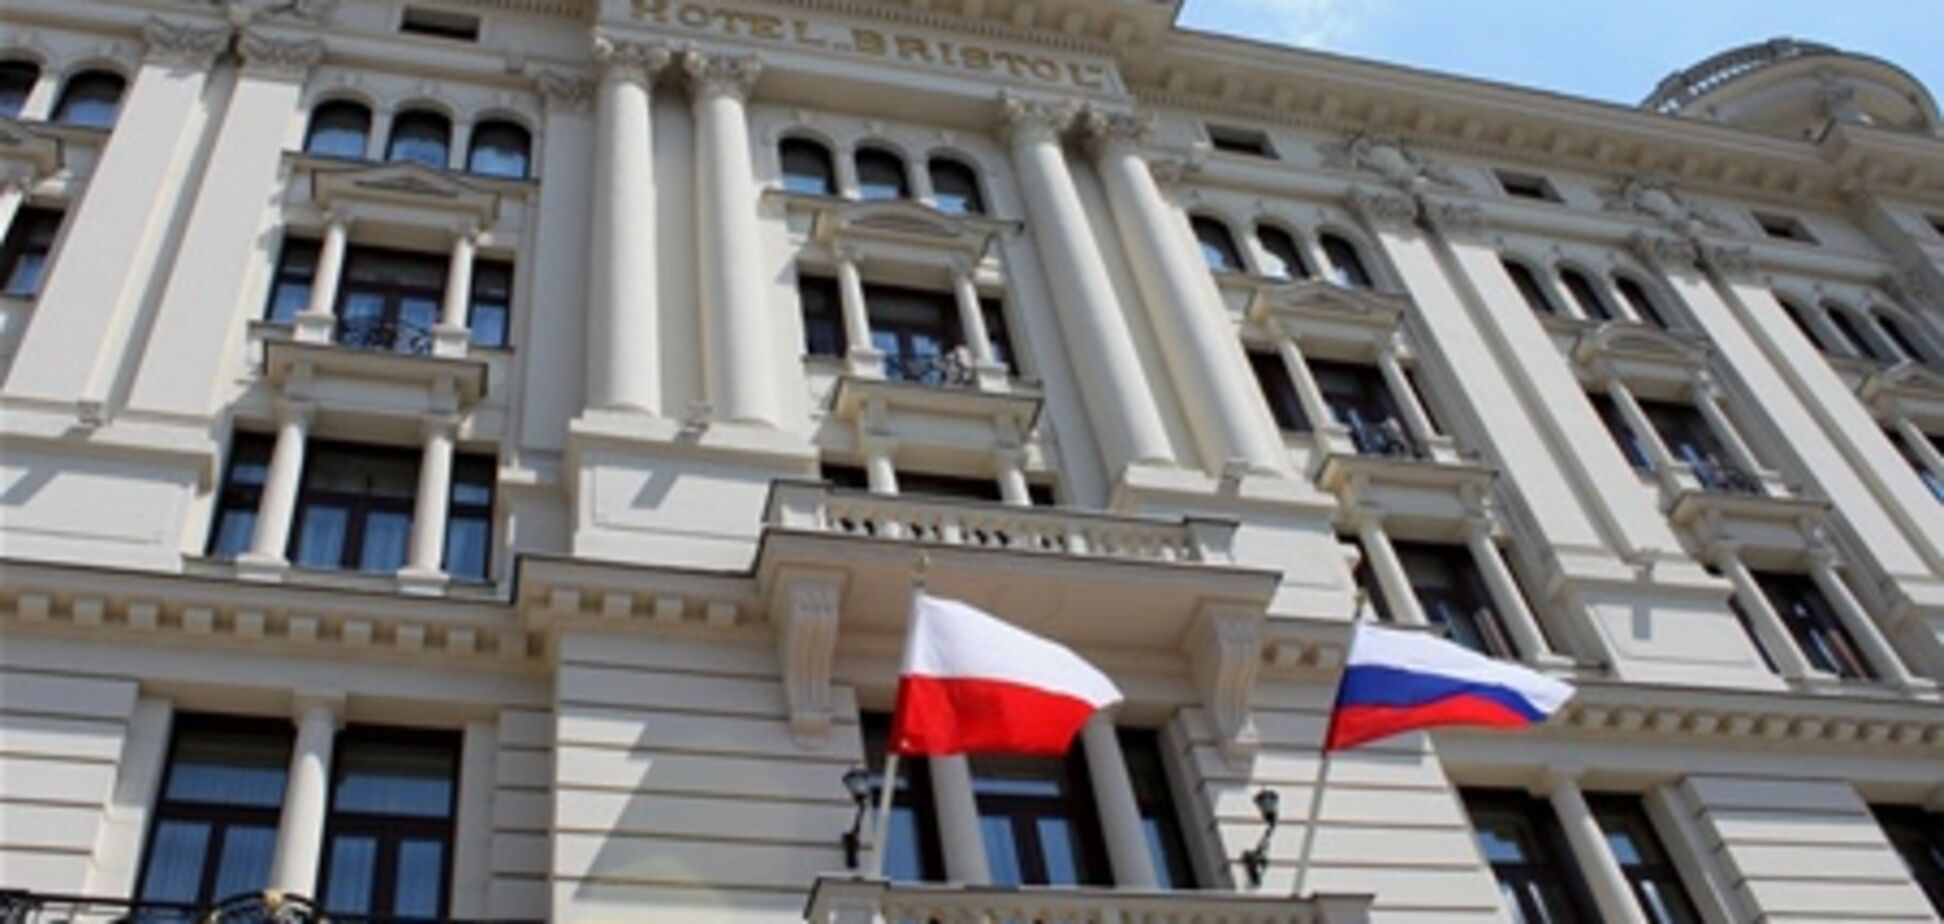 Российские фанаты в Польше: ситуация накаляется. Спецрепортаж из Варшавы